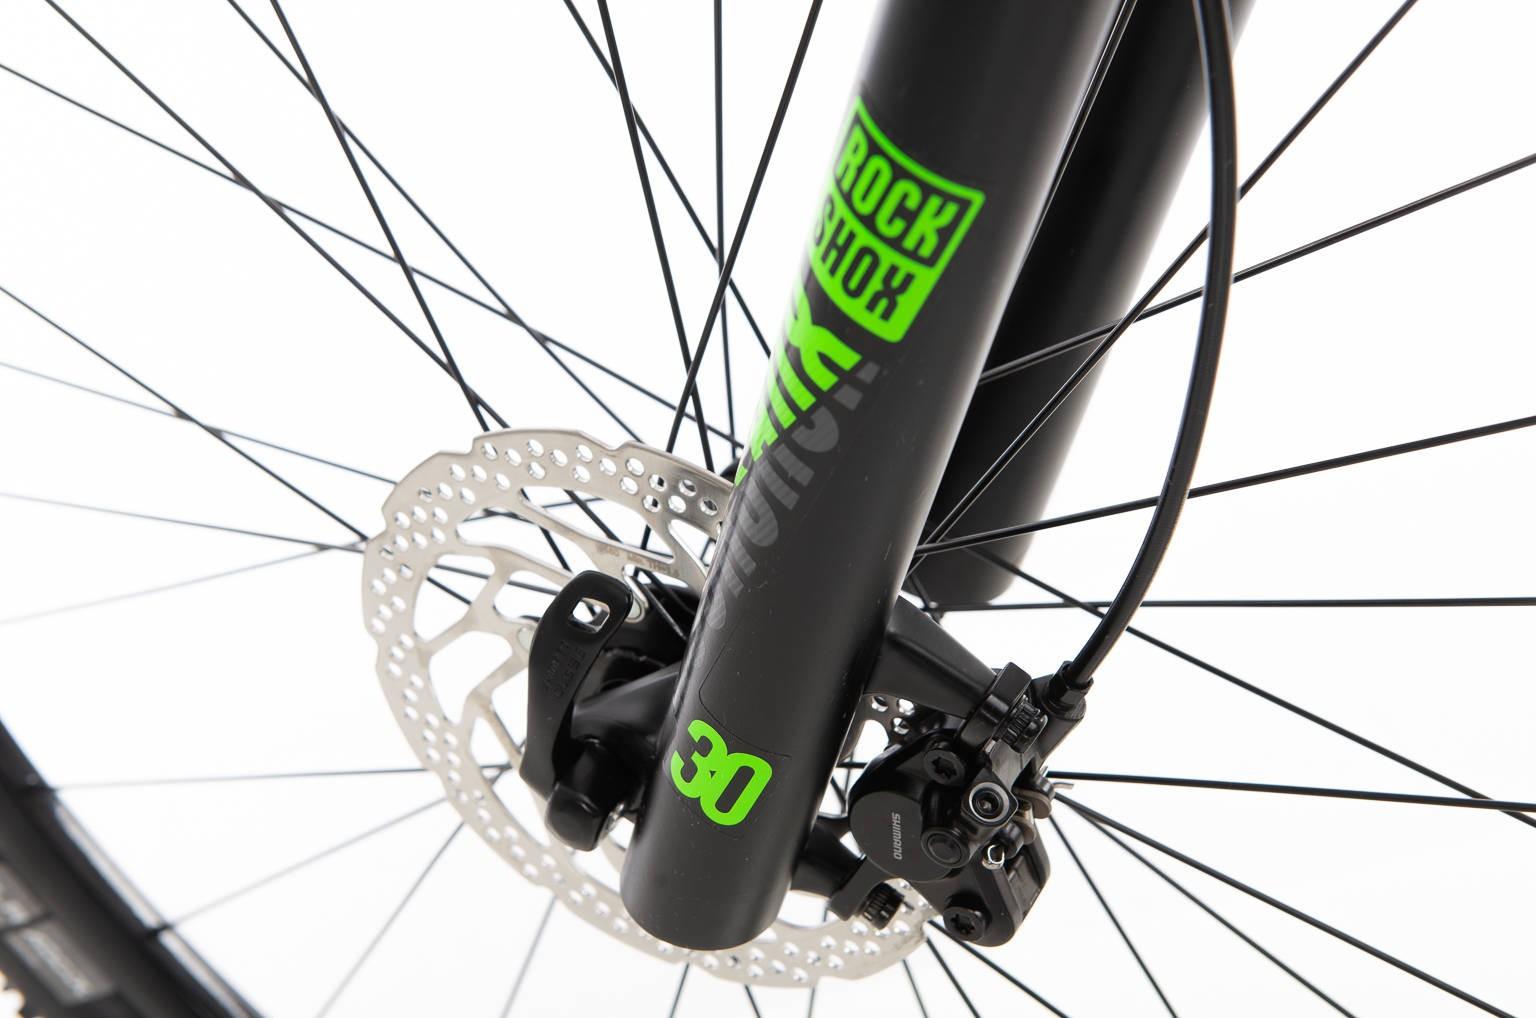 Bicicleta Sense Impact Pro 2020 M